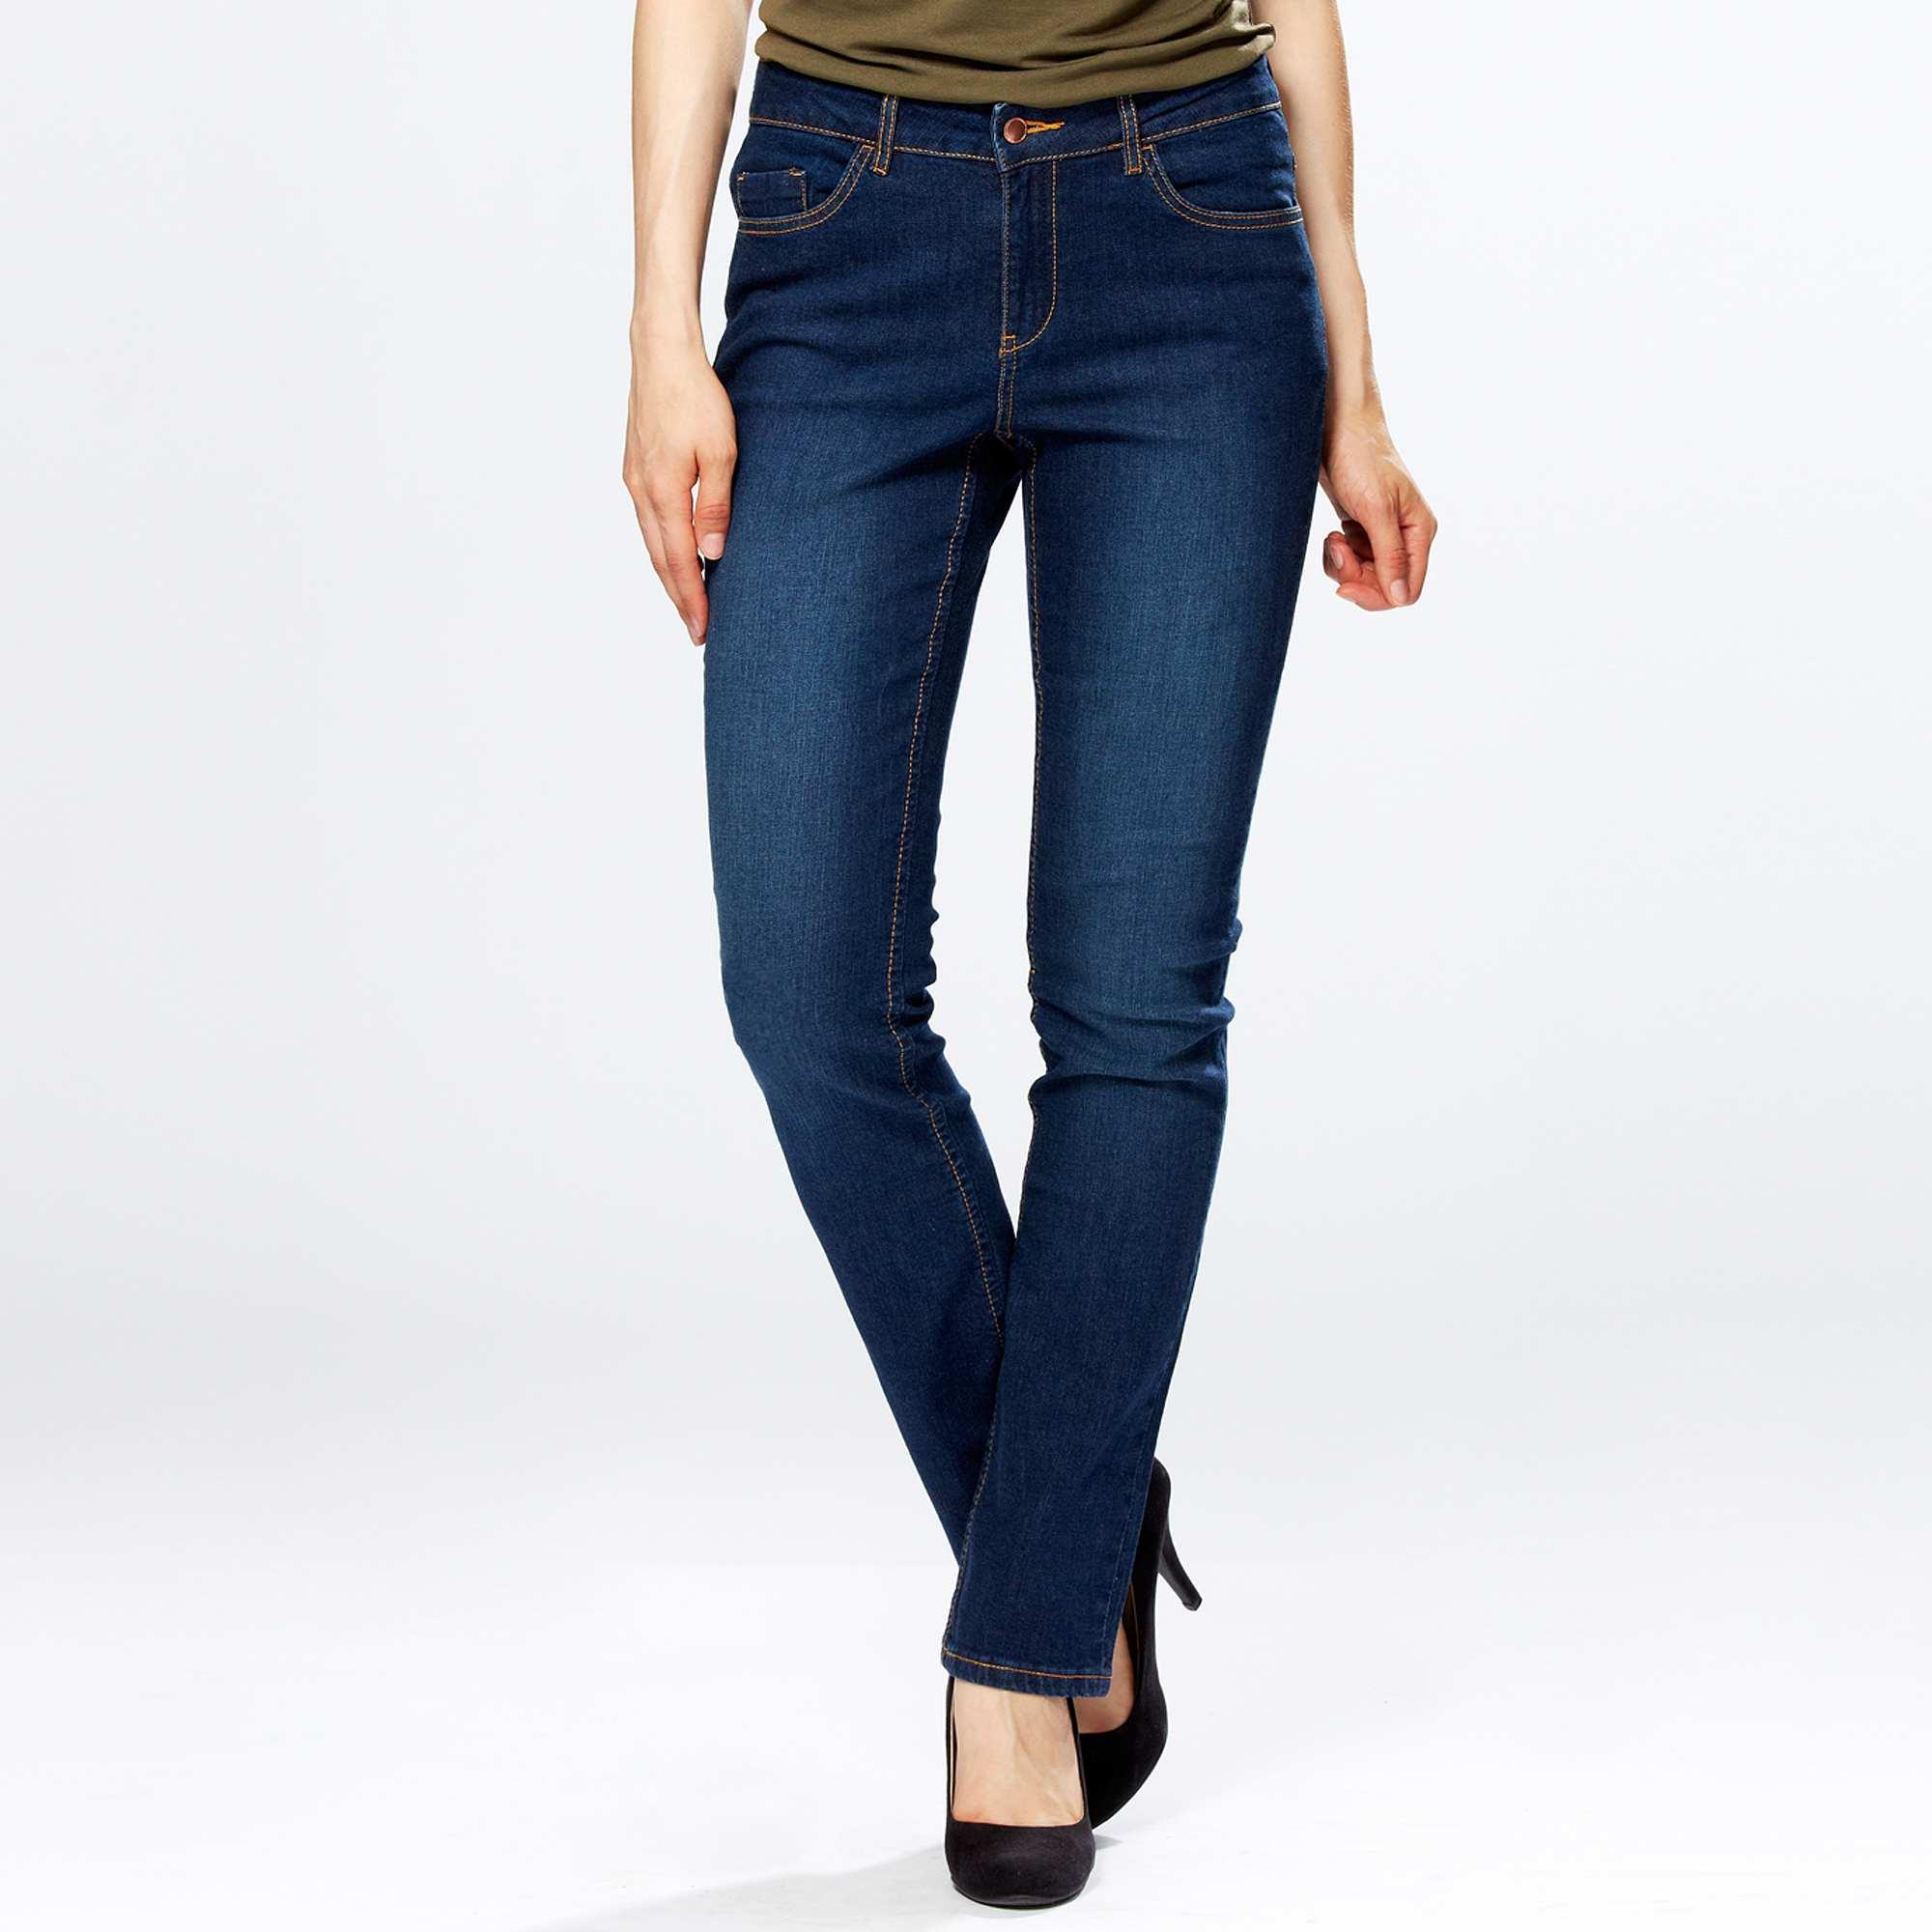 Comment choisir la bonne coupe de jeans sur jean - Quelle coupe de jean choisir ...